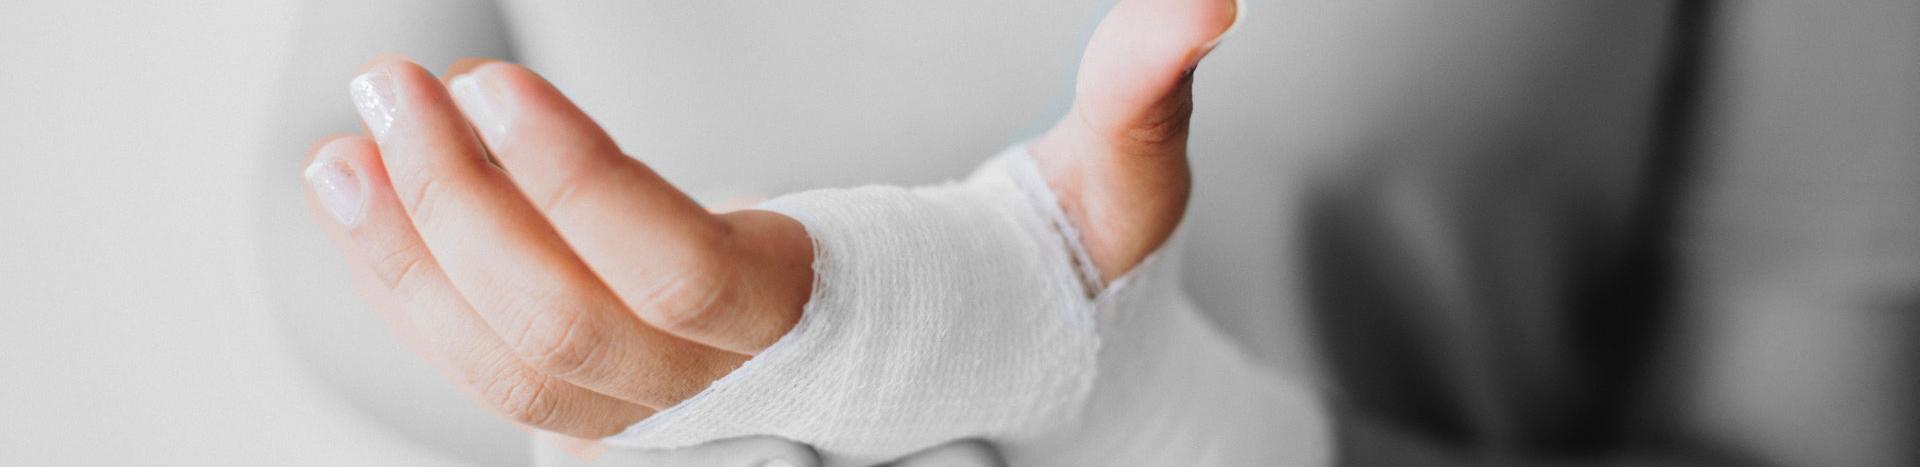 Handletsel door bedrijfsongeval | LetselPro